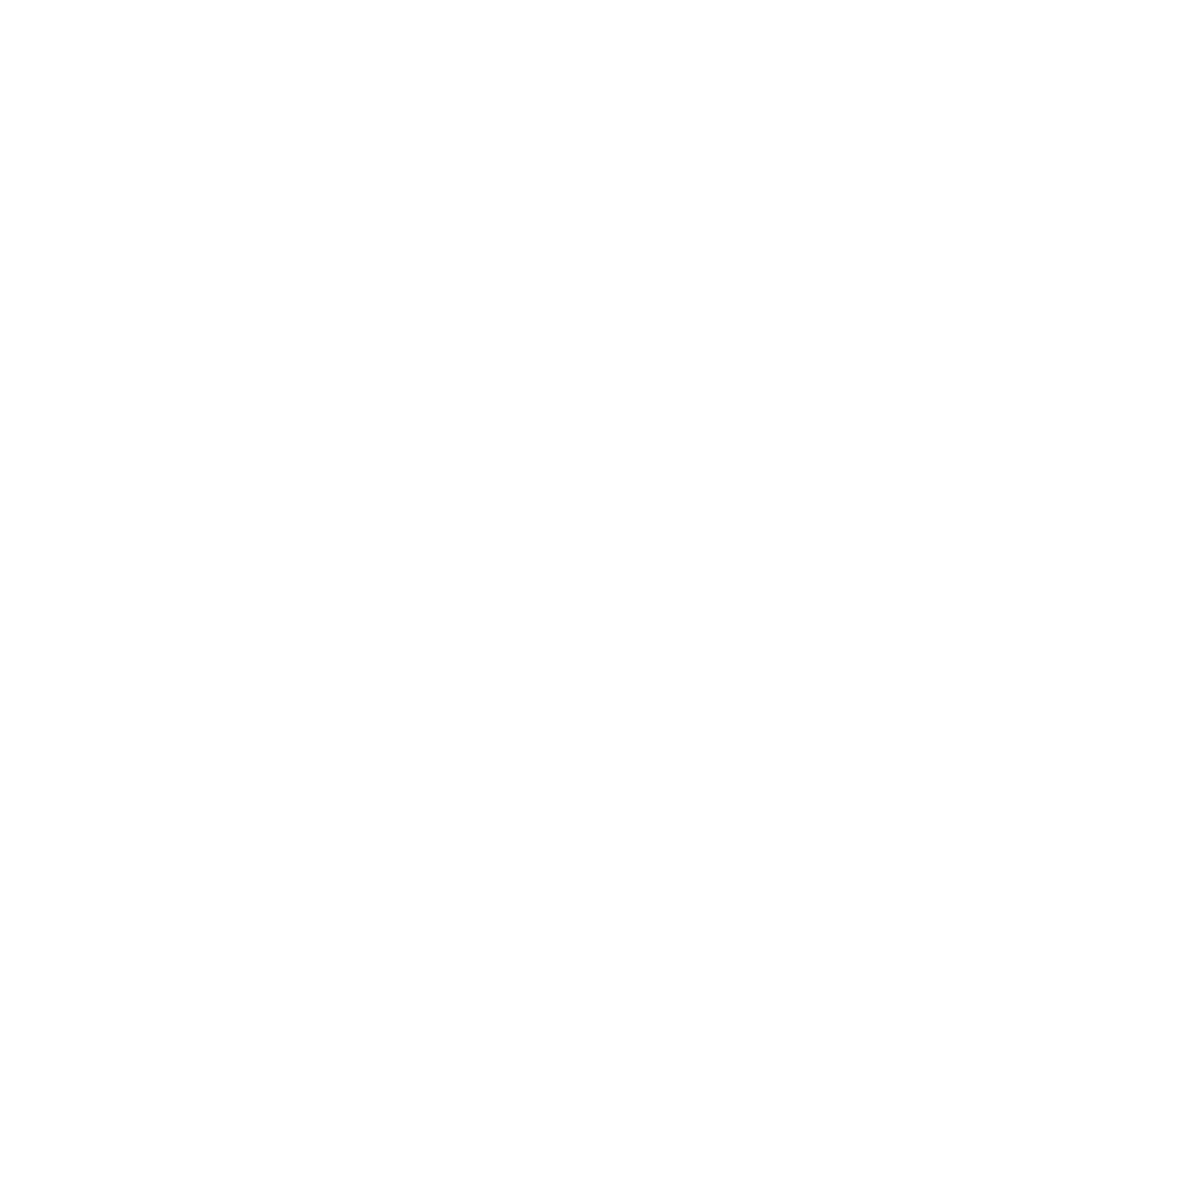 new-ellevate-logo-068b4b1aada851b14301637af34abe8f4ad1f5ee6eea14d3a3d4ed795c1ff958